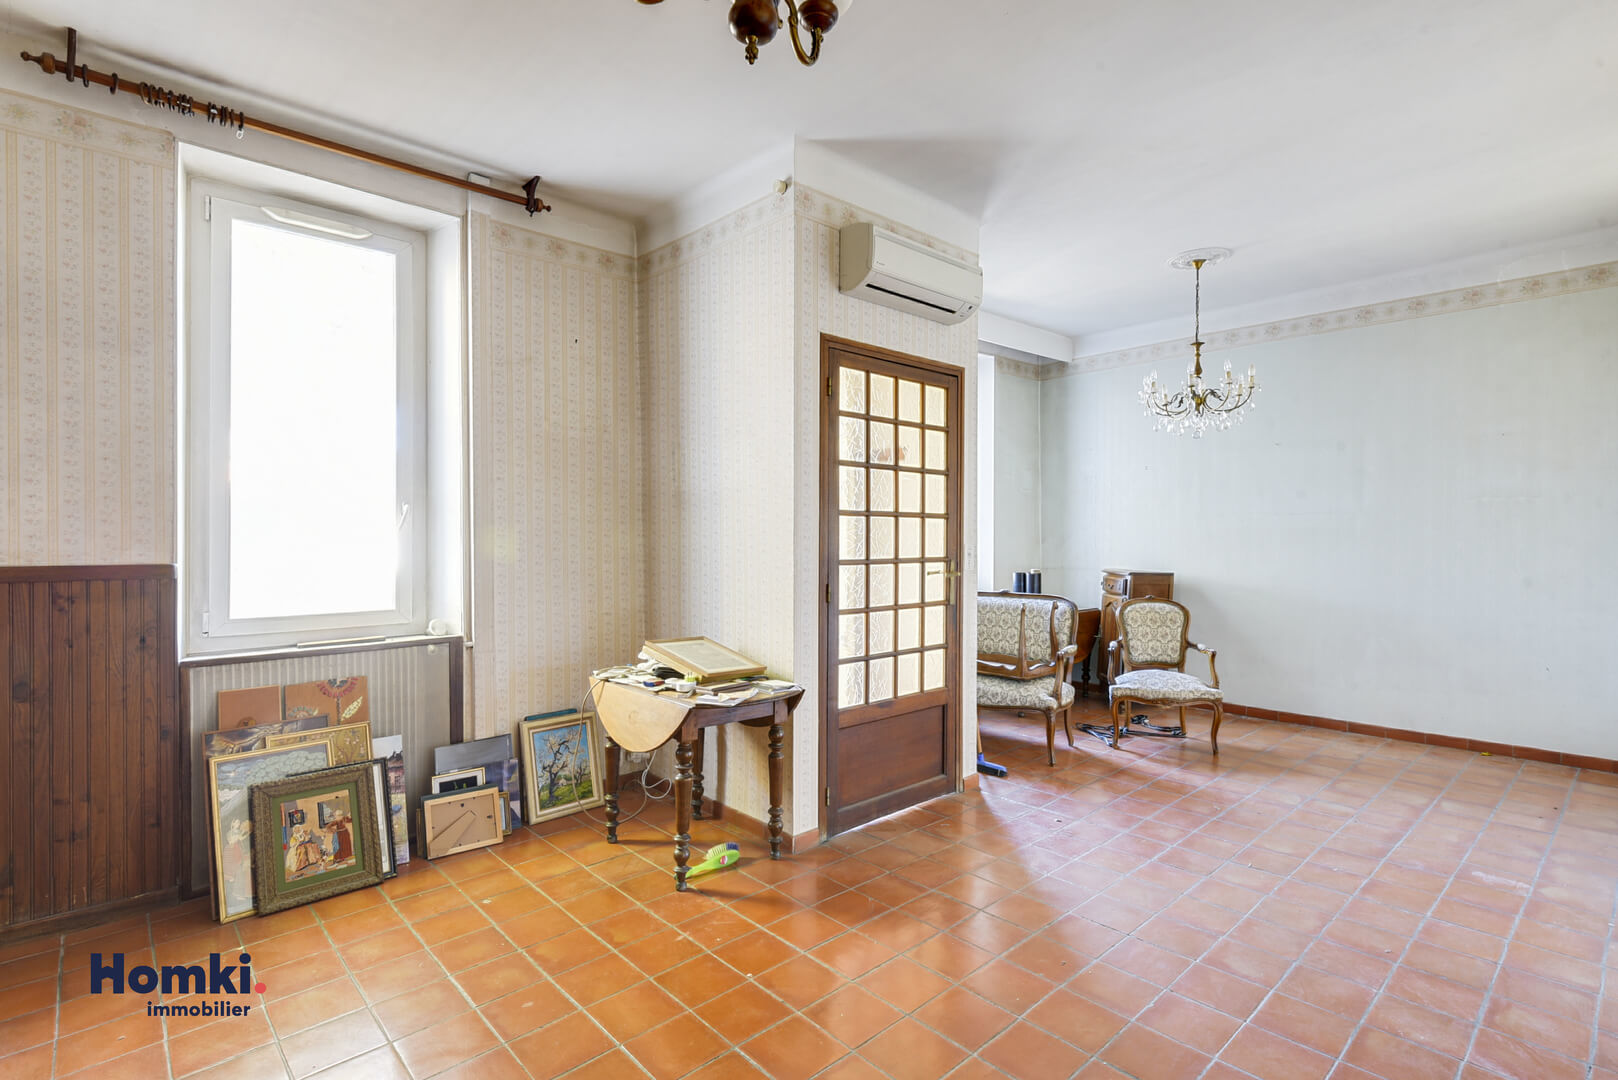 Vente Maison 100 m² T5 13012 Marseille_4